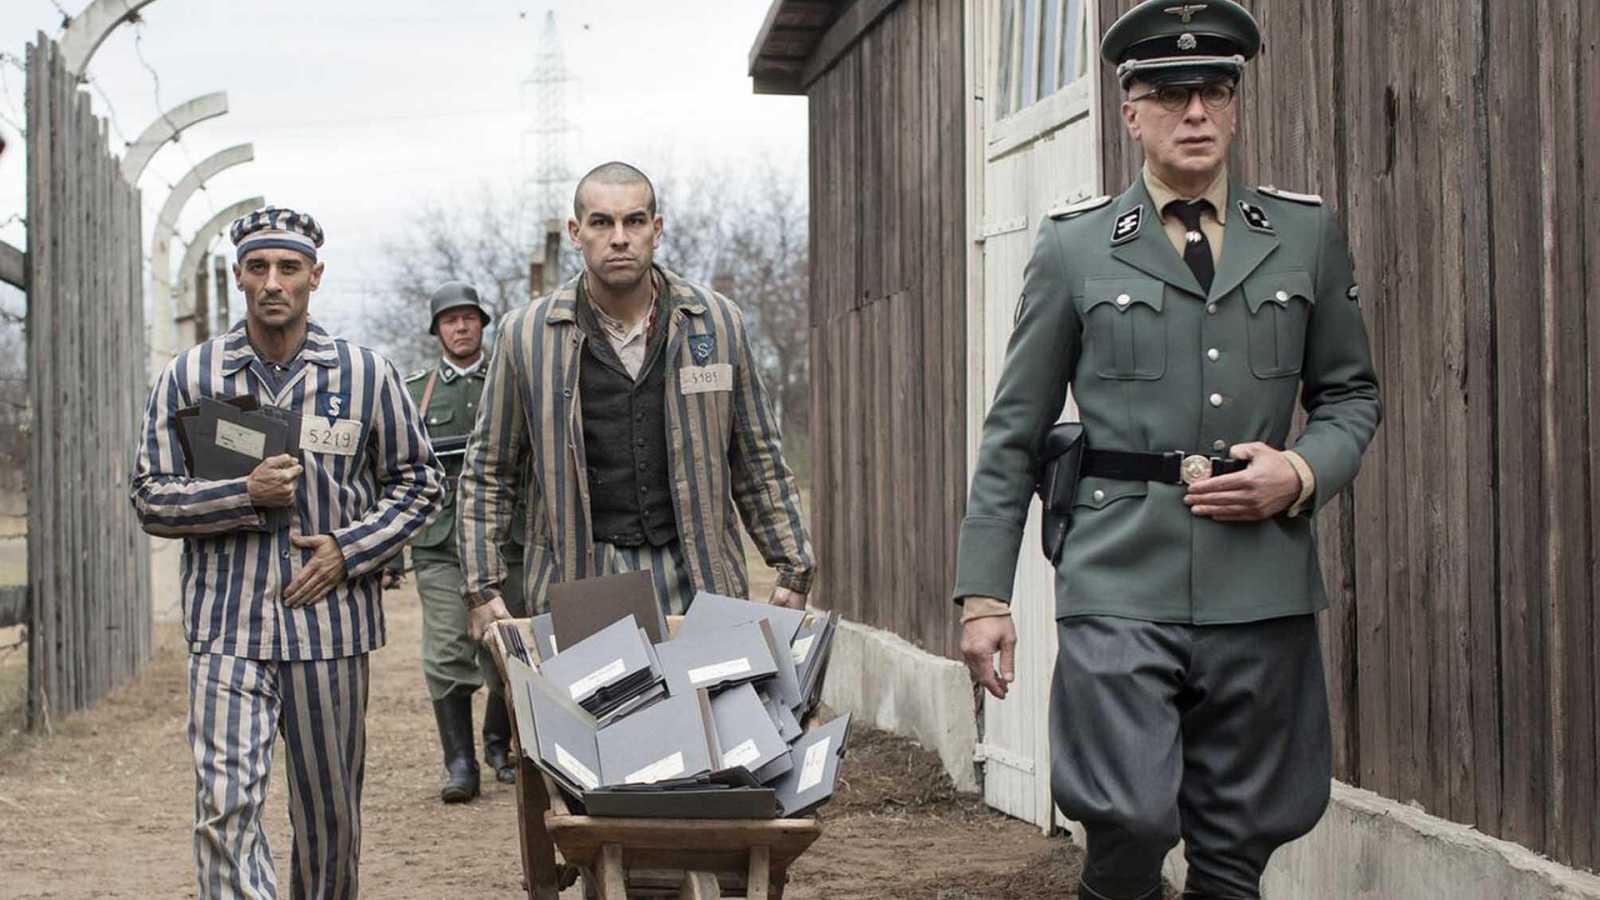 Somos Cine - El fotógrafo de Mauthausen - Ver ahora